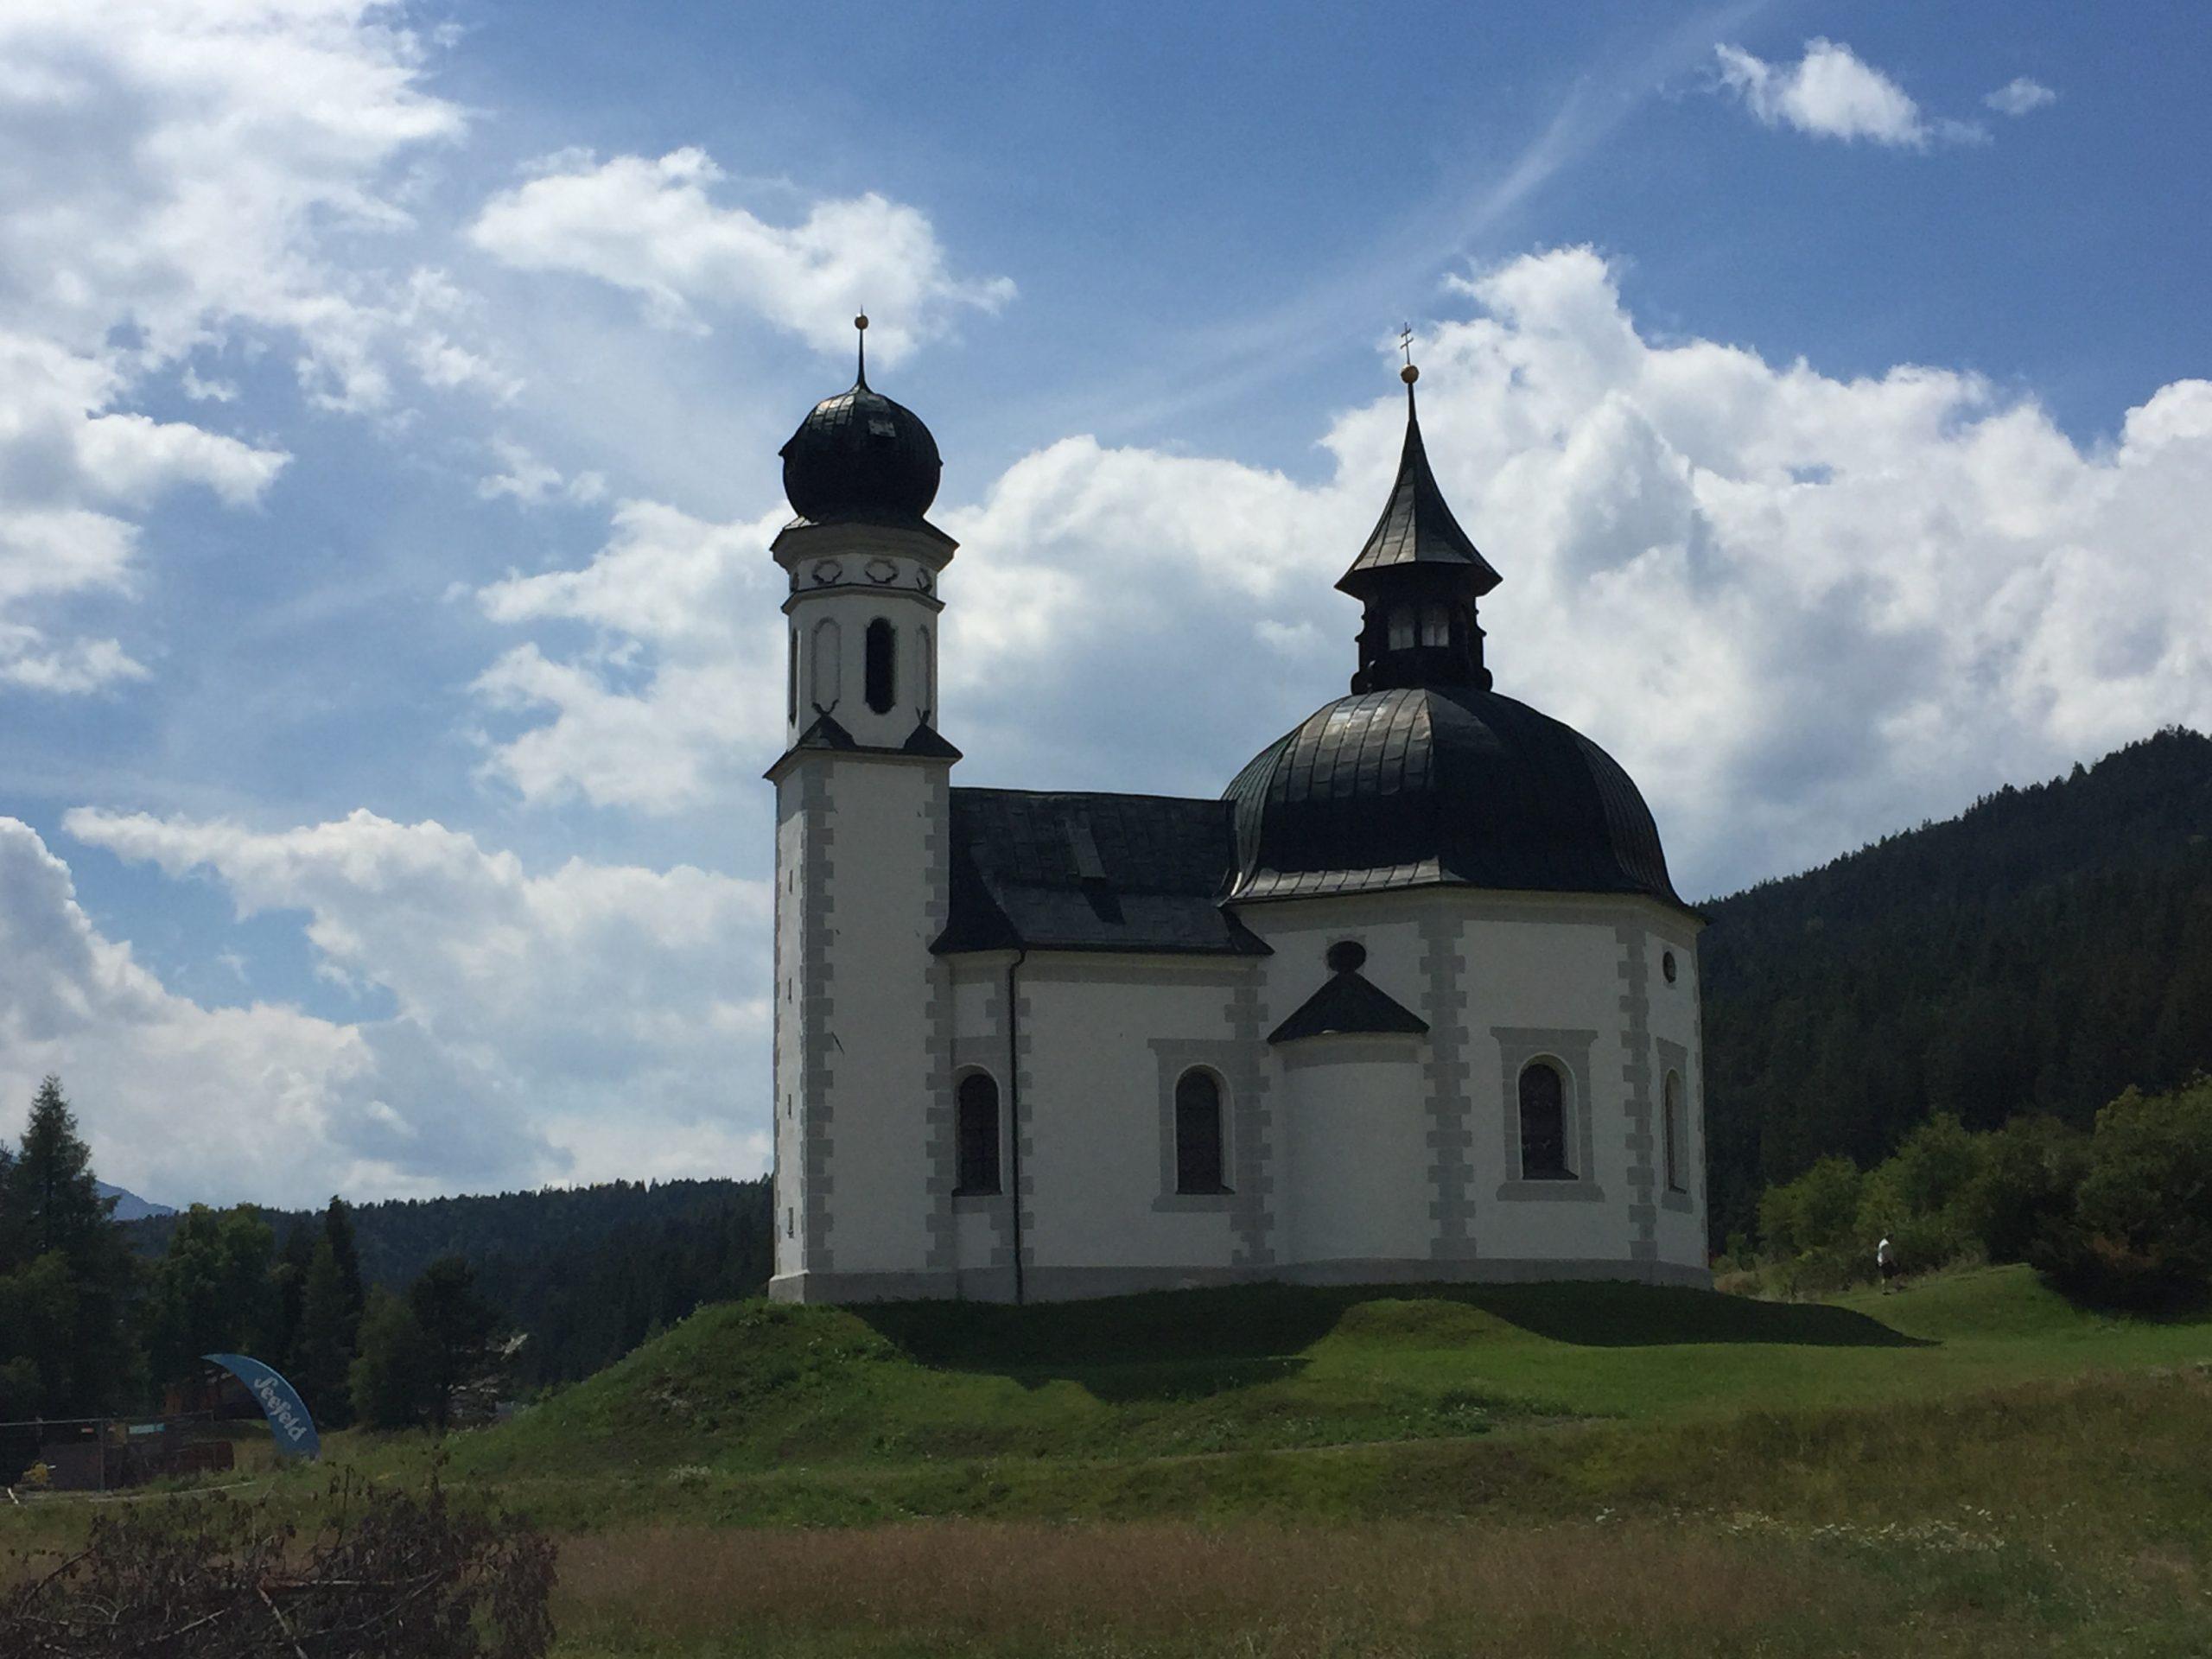 Chiesa di Seefeld